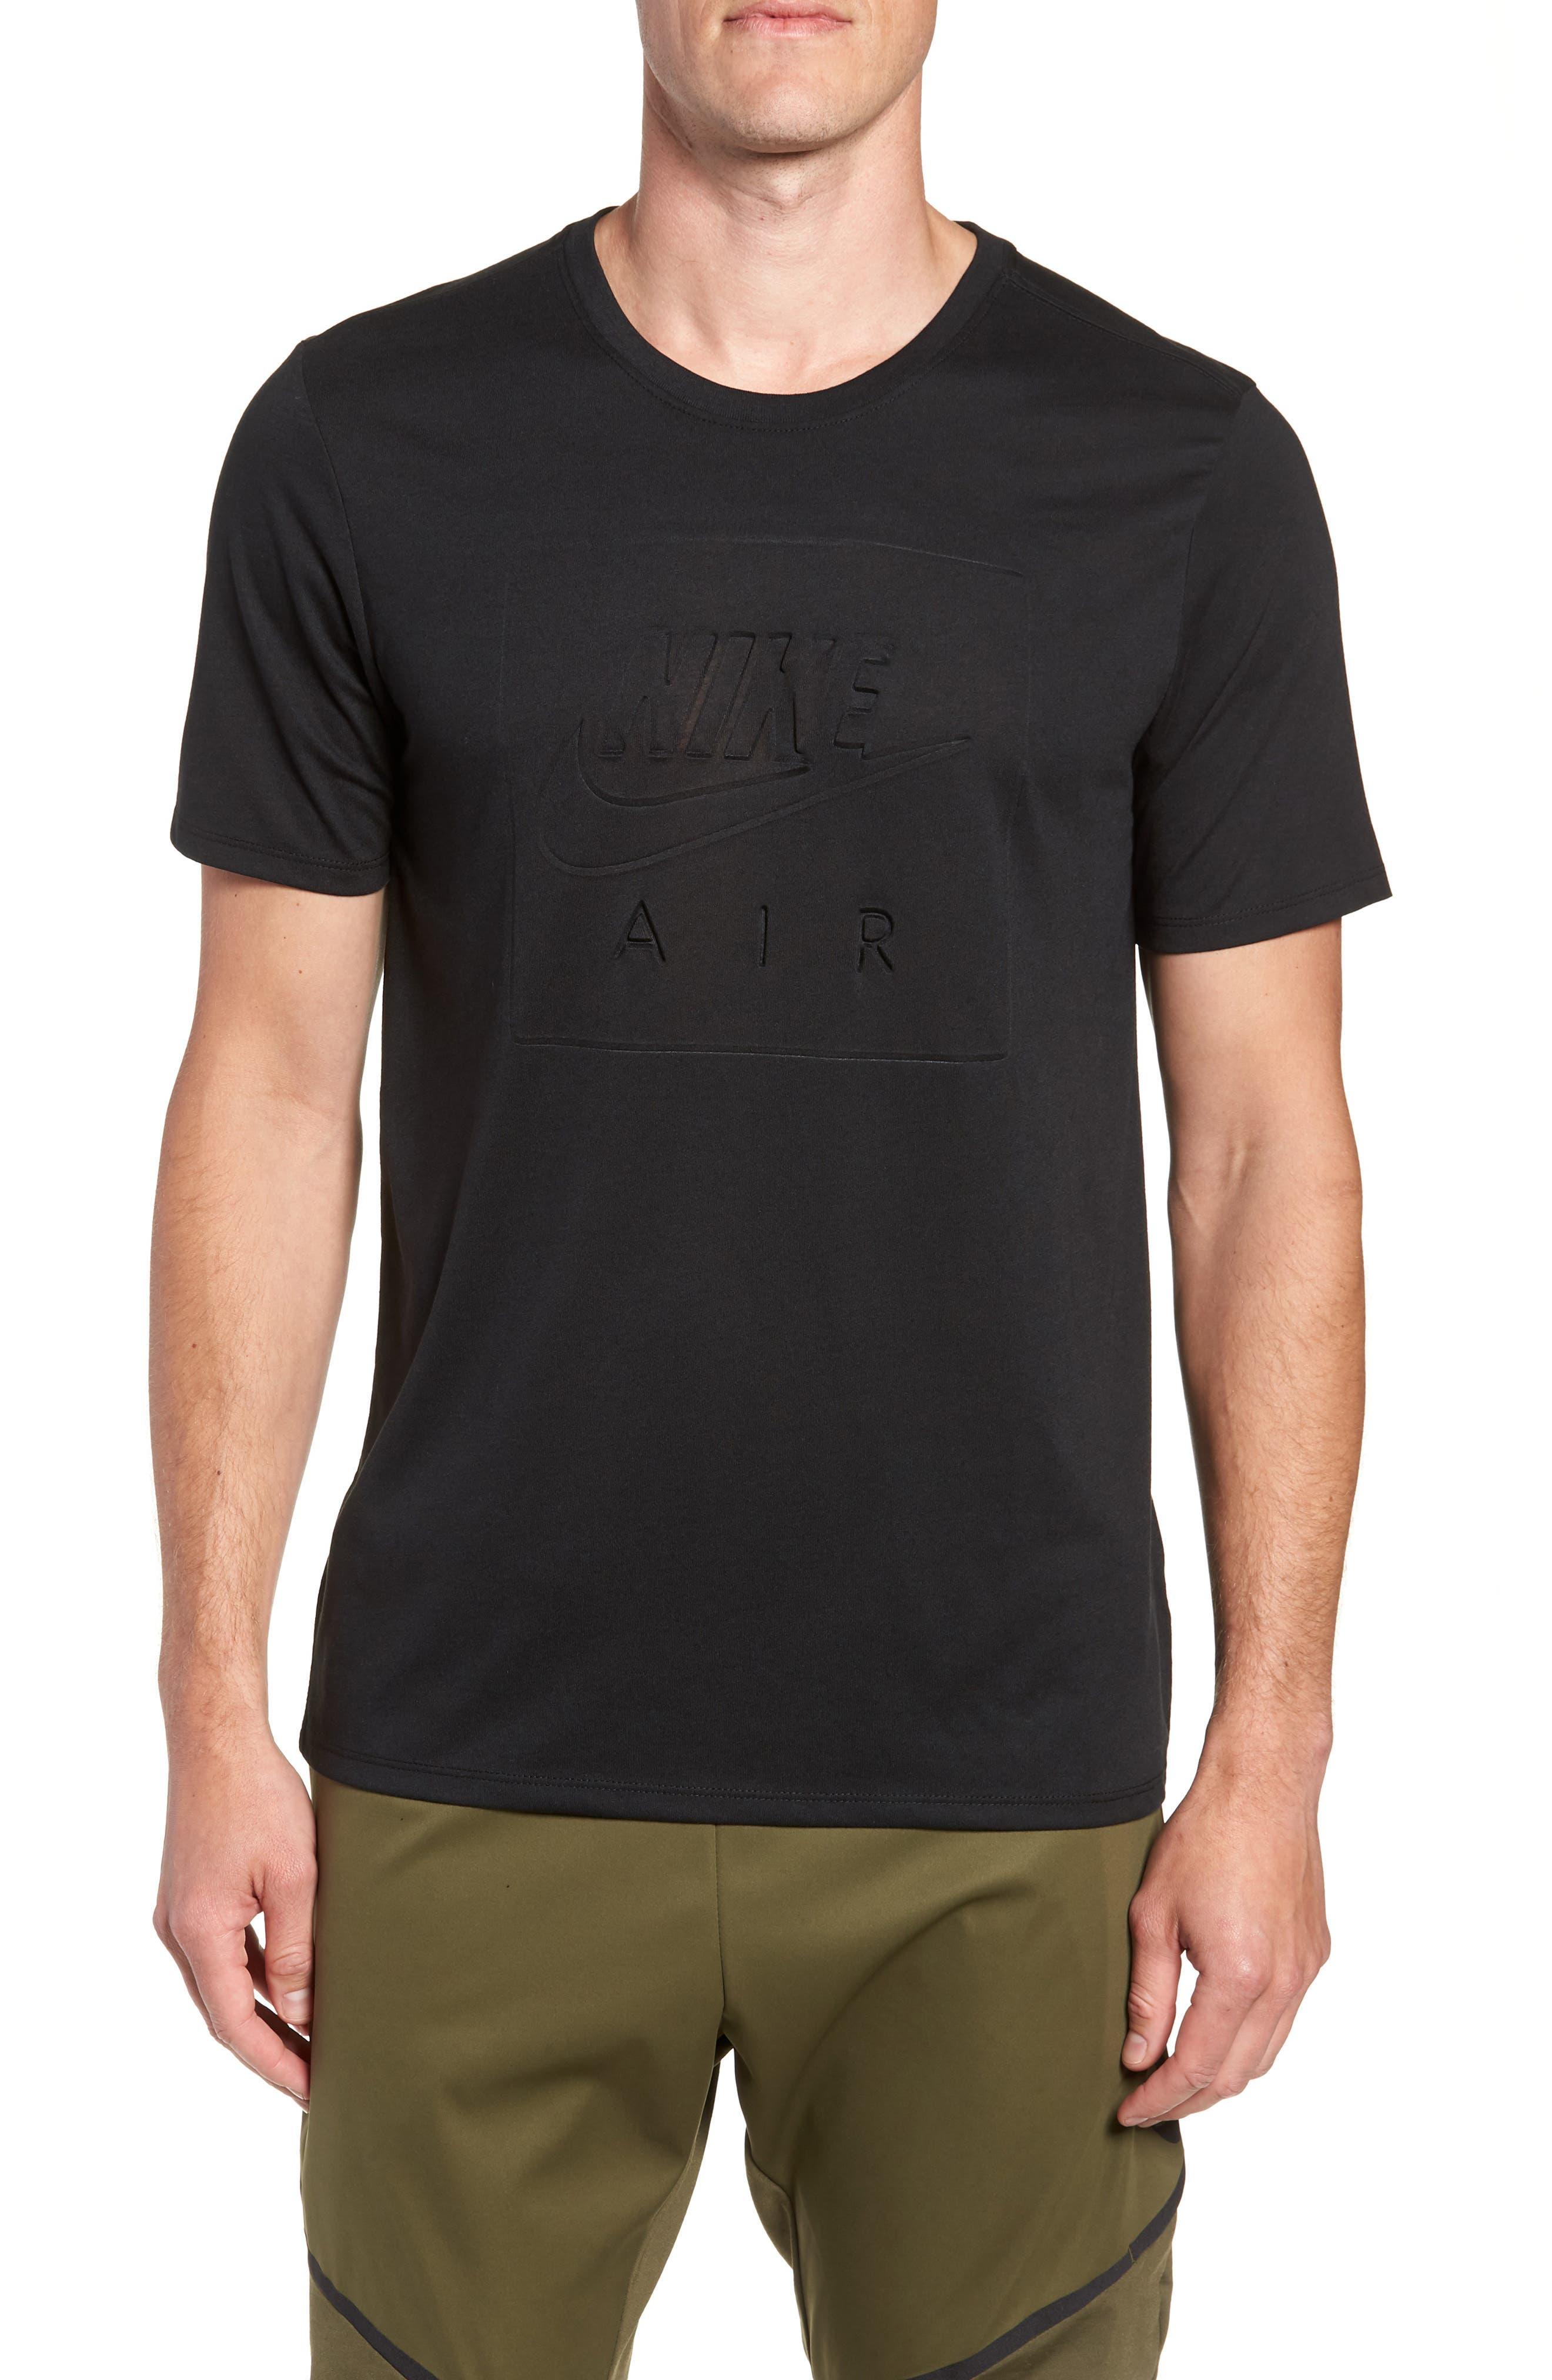 Air 1 T-Shirt,                         Main,                         color, 011